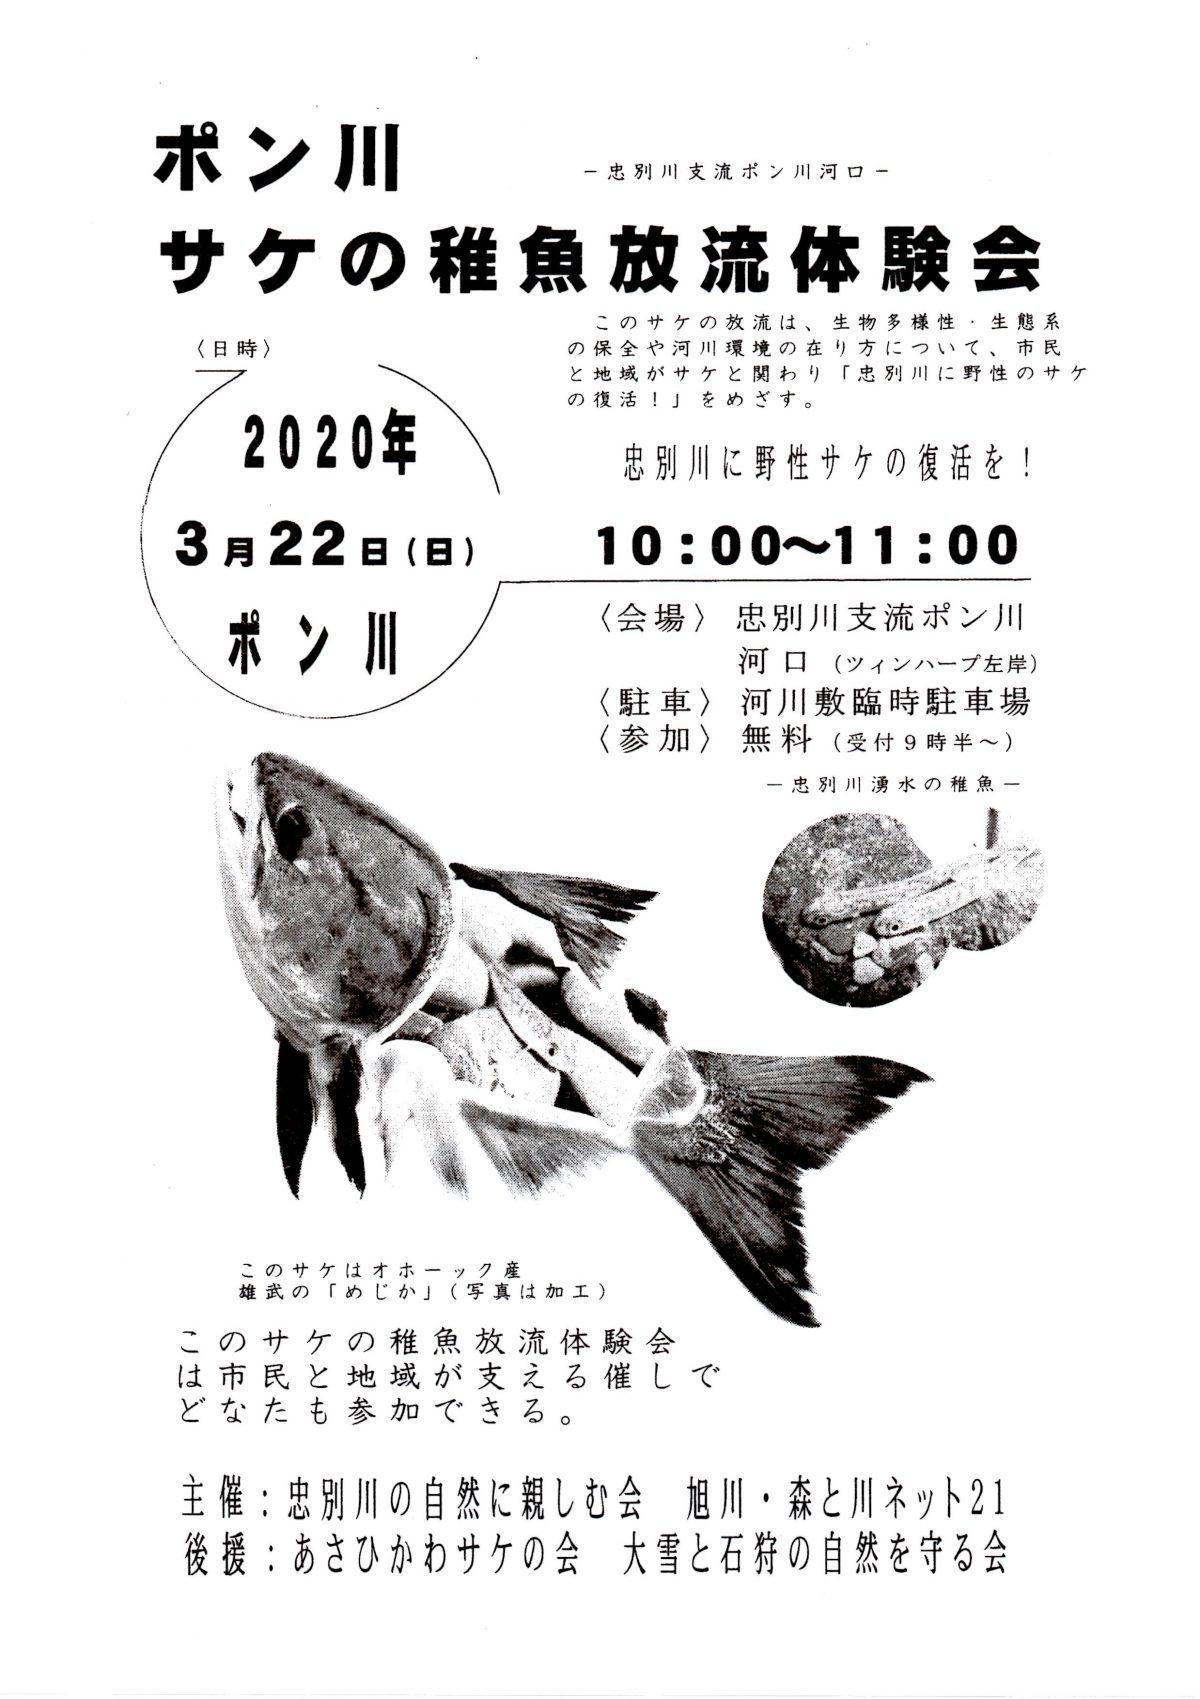 2020年3月22日 ポン川 サケの稚魚放流体験会